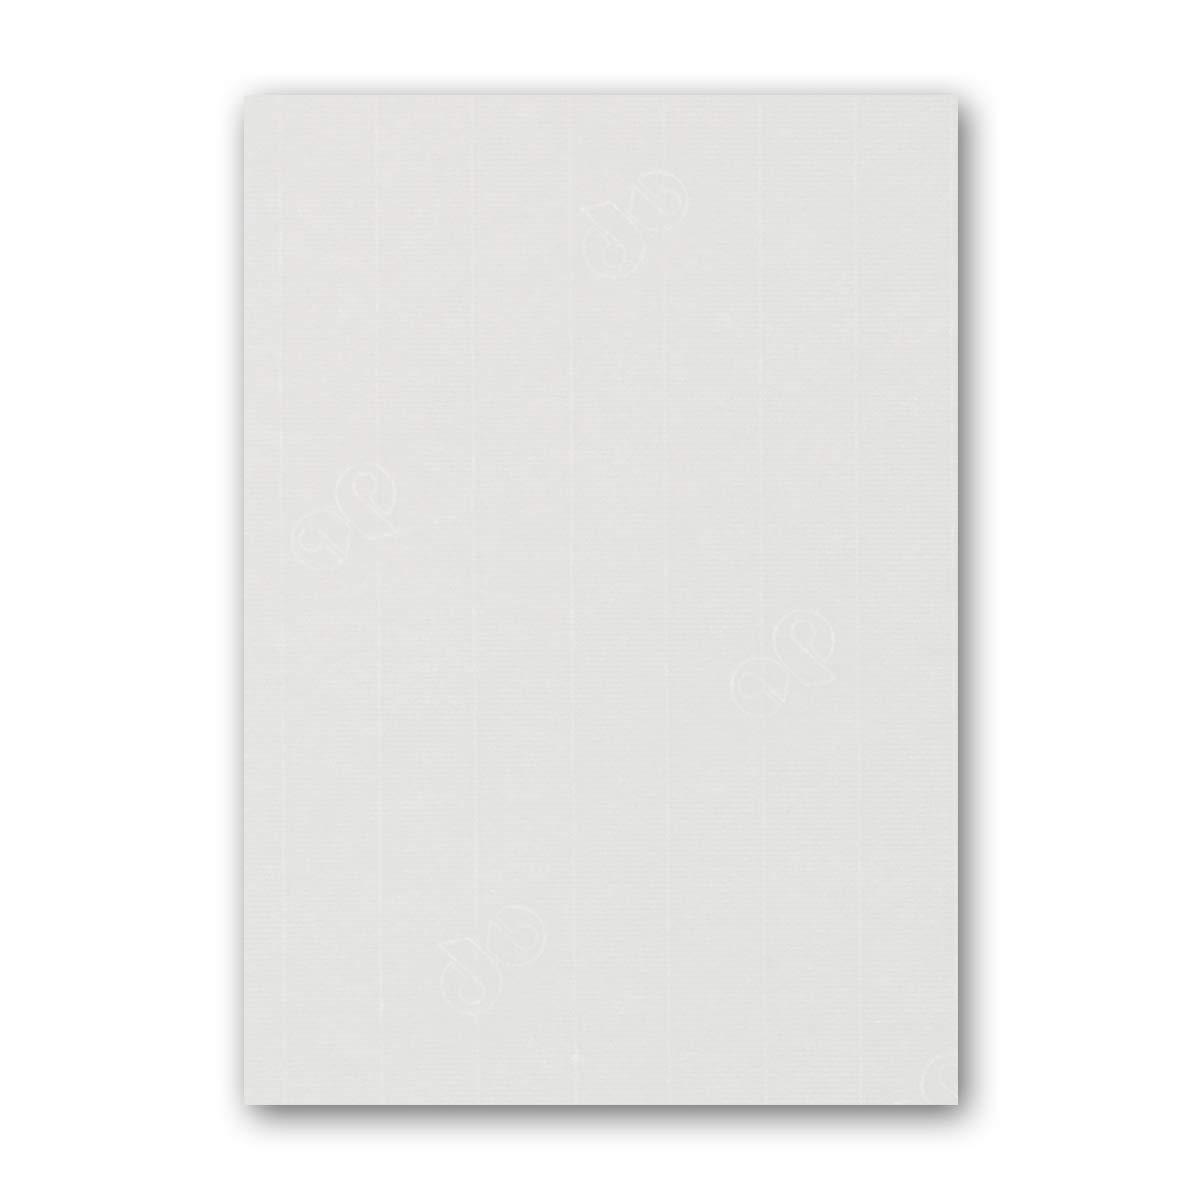 ARTOZ 150x Briefpapier + Bastelpapier Bastelkarton - Taupe - DIN A4 297 x 210 mm – Edle Egoutteur-Rippung – Hochwertiges 220 g m² Tonpapier – Scrapbooking Papier 211 - Weiß 100 Stück